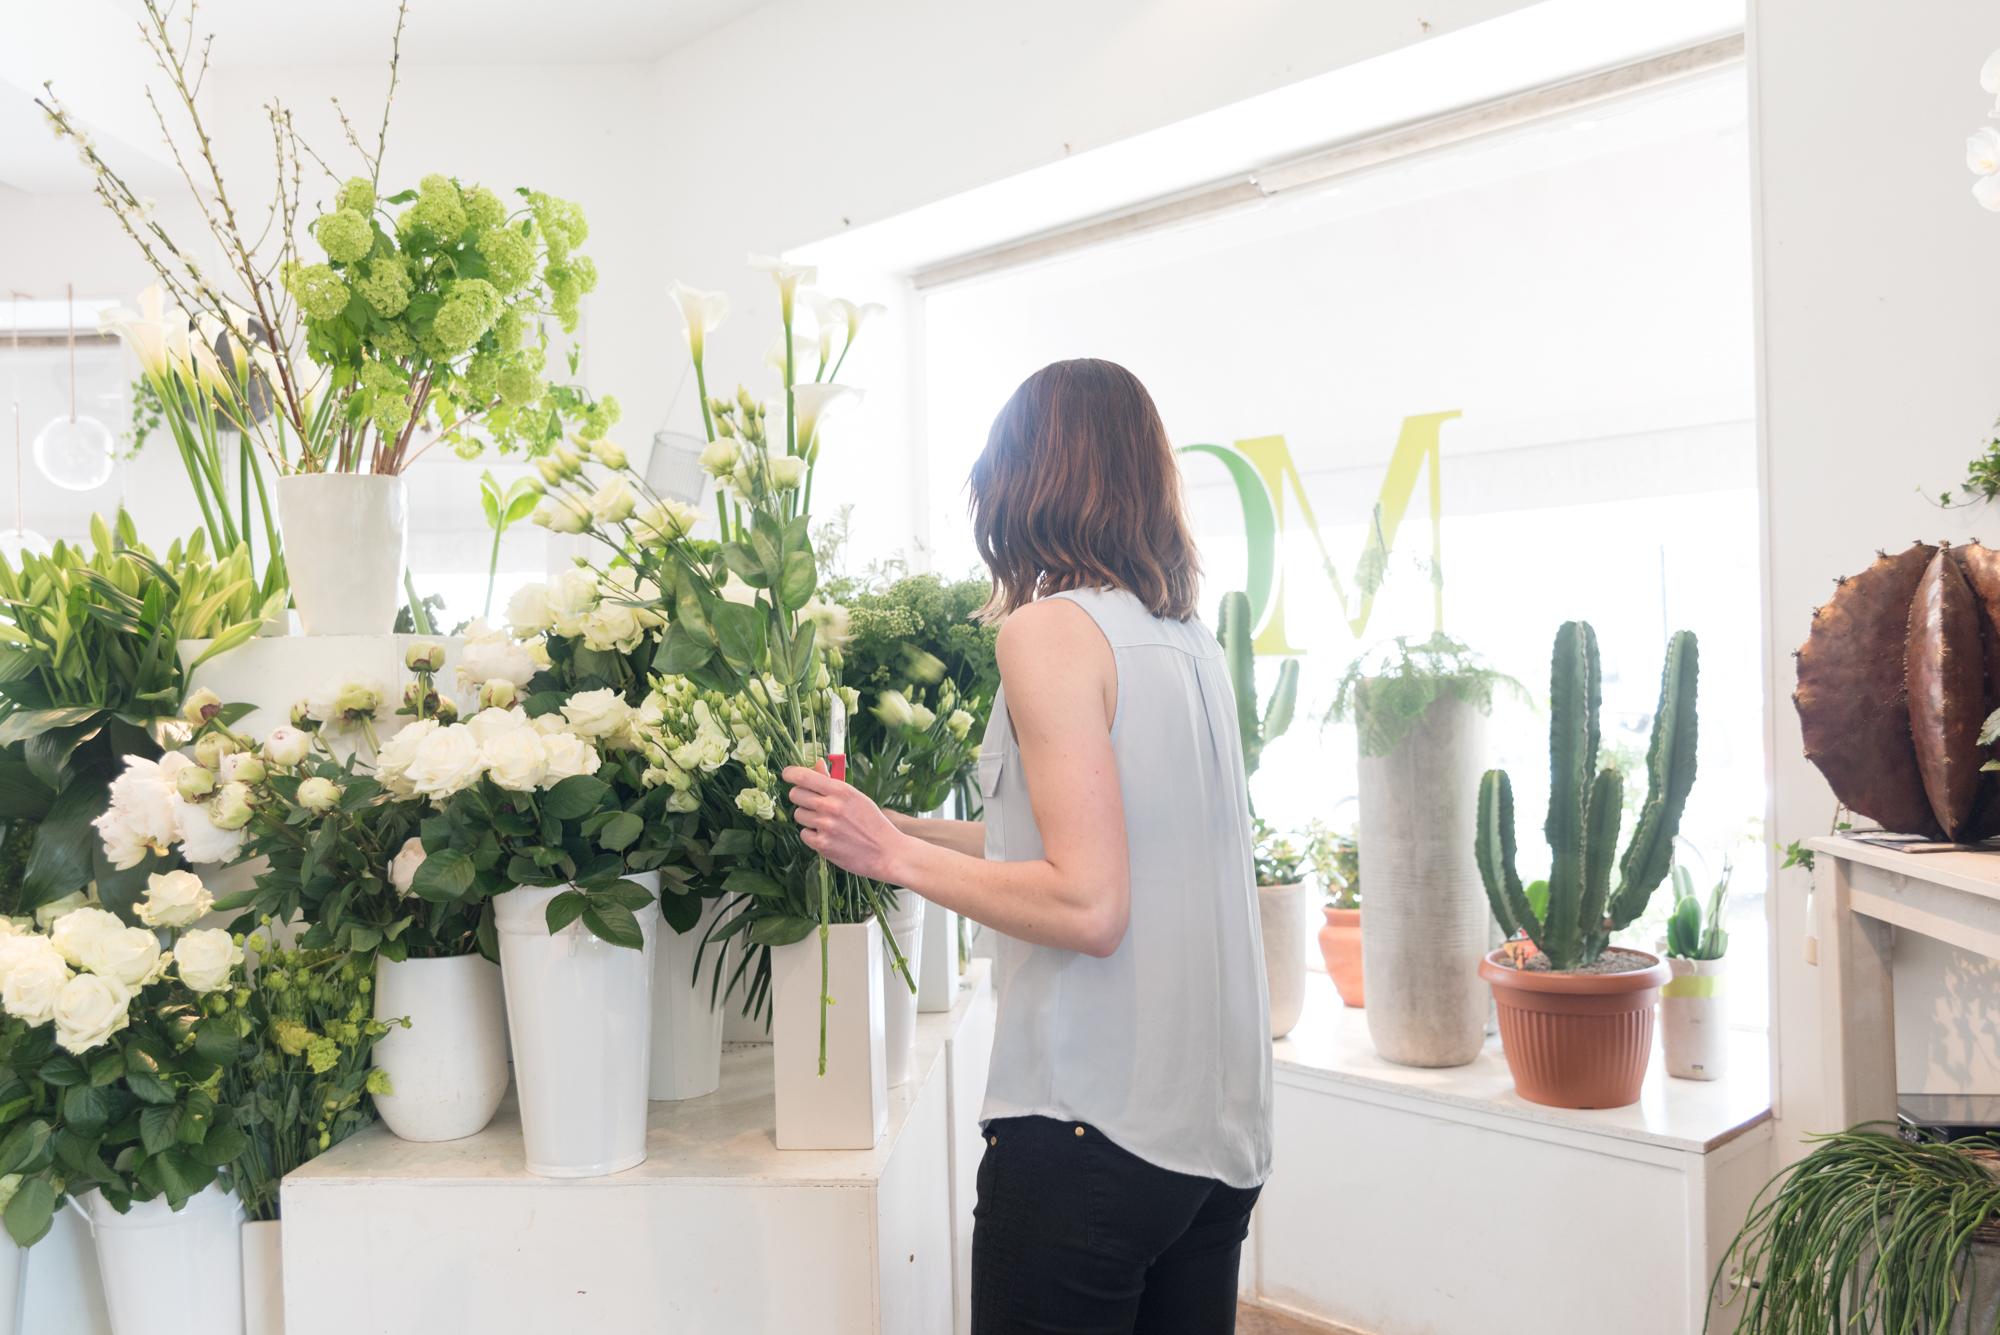 Atelier Marie Guillemot